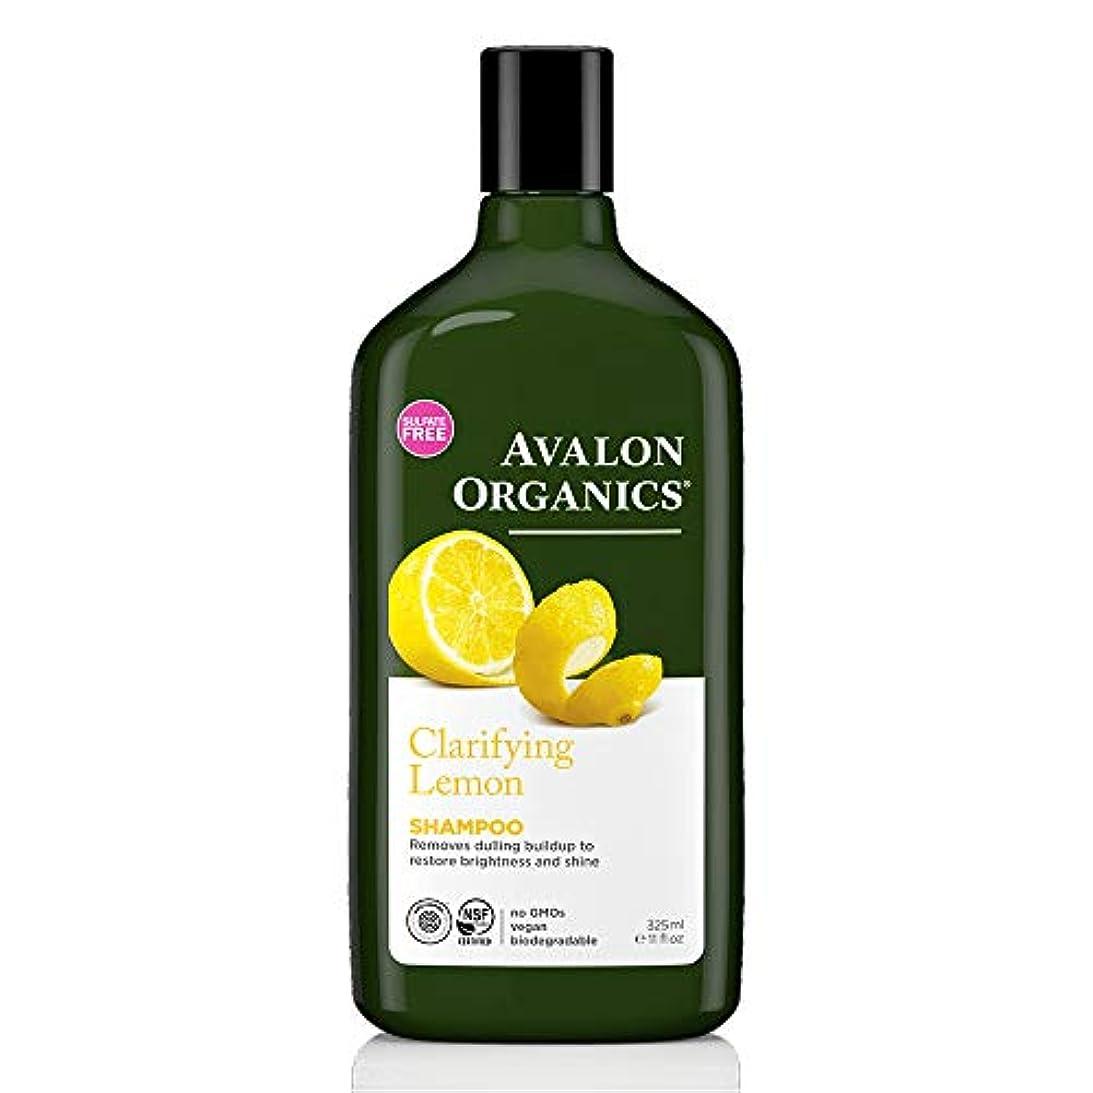 命令的以来いまAVALON ORGANICS アバロンオーガニクス シャンプー レモン 325ml